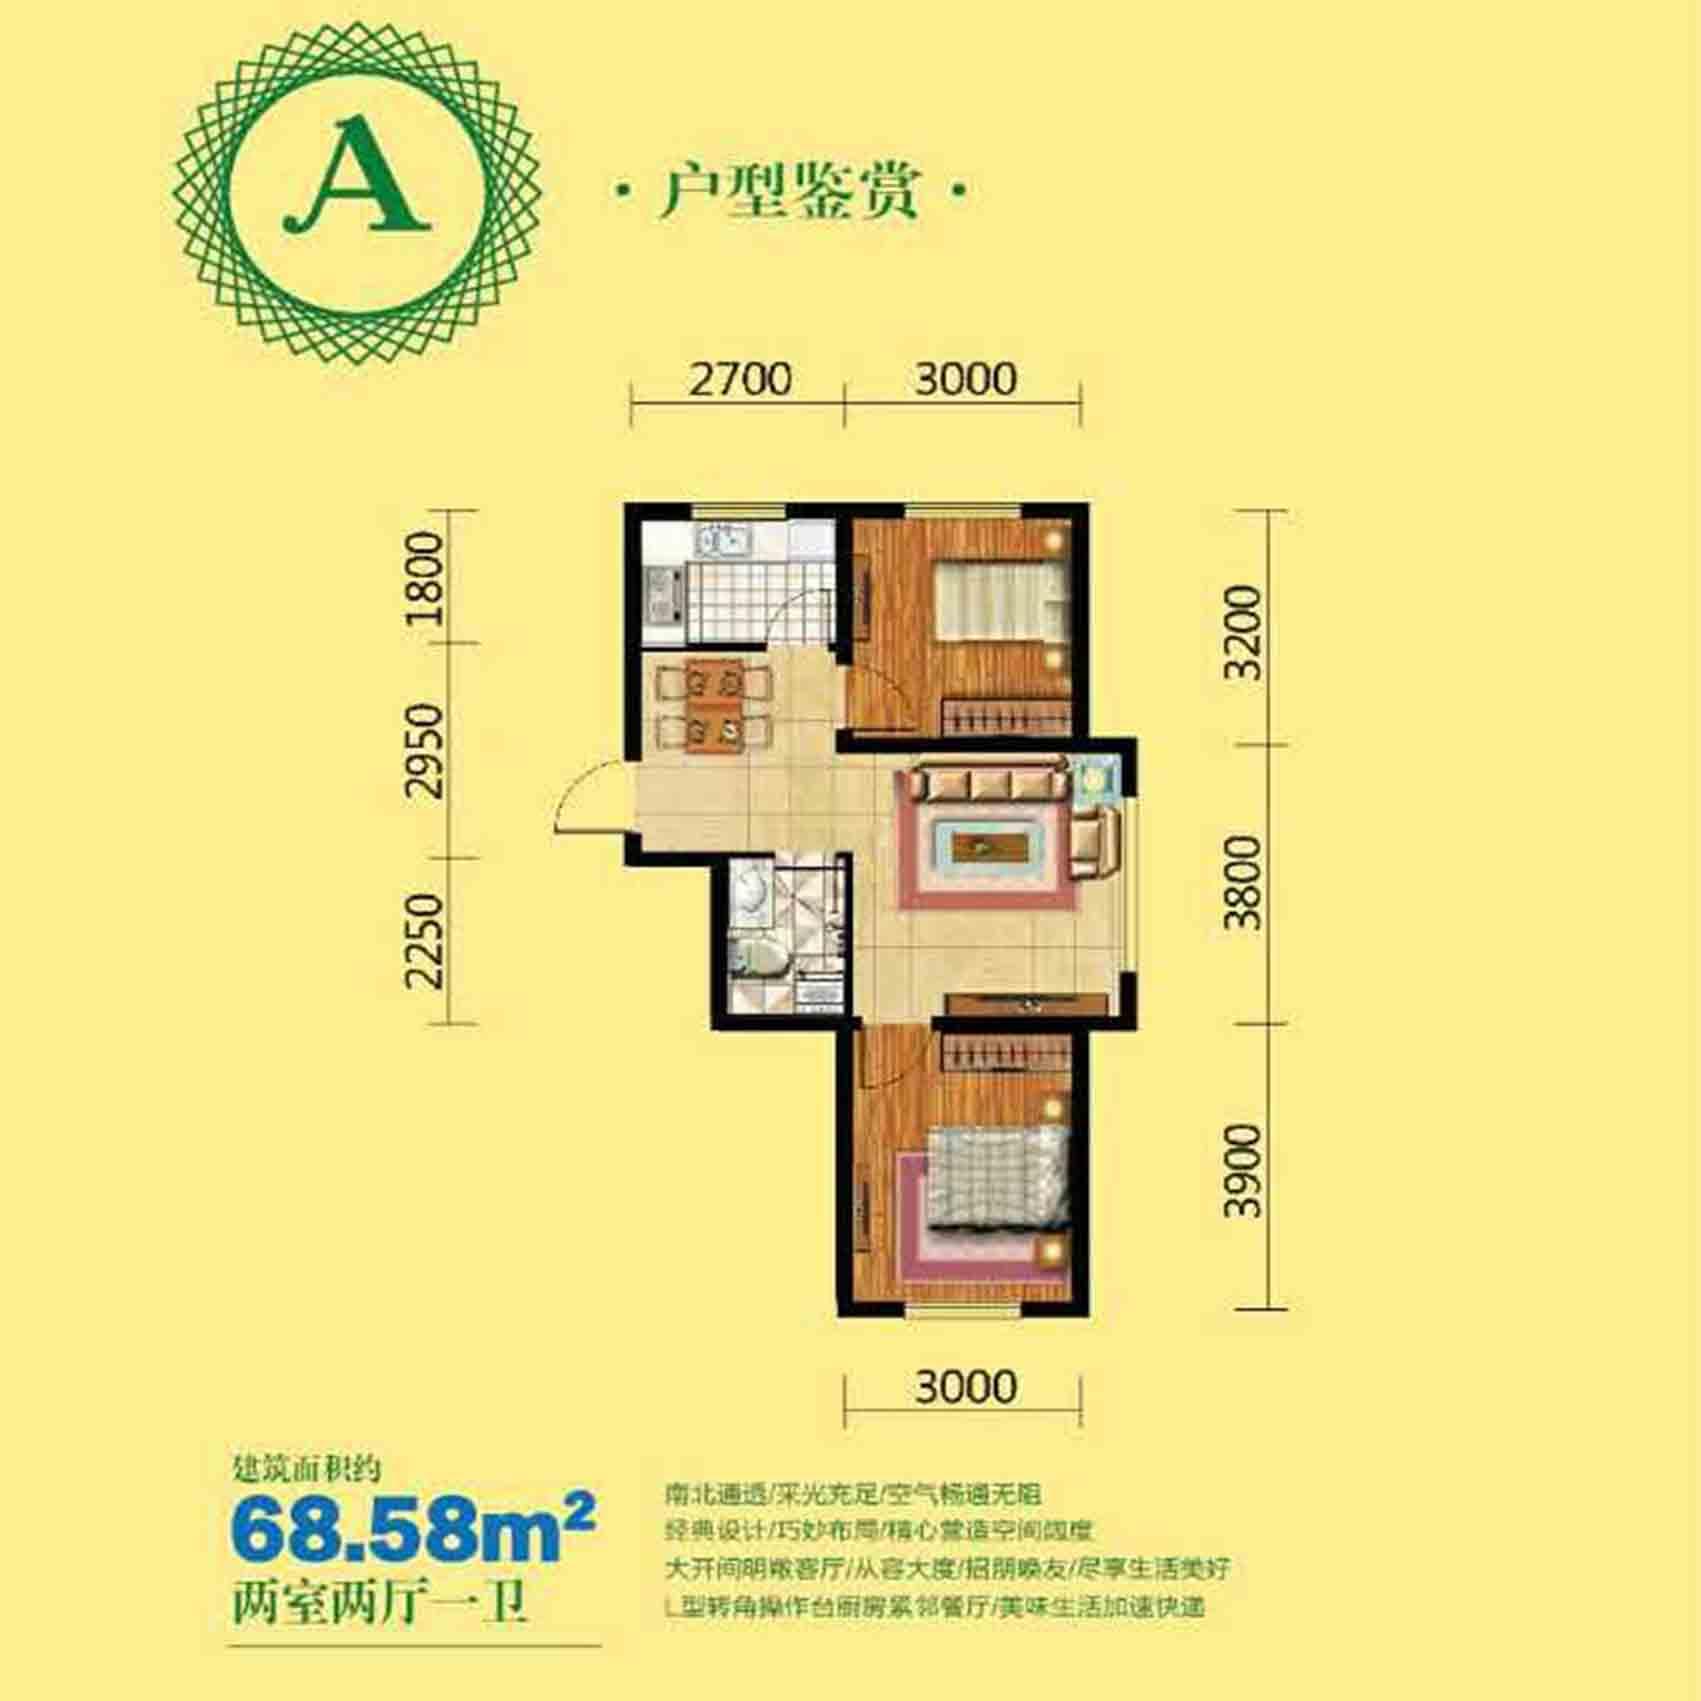 长堤湾高层68.58平2室2厅1卫A户型